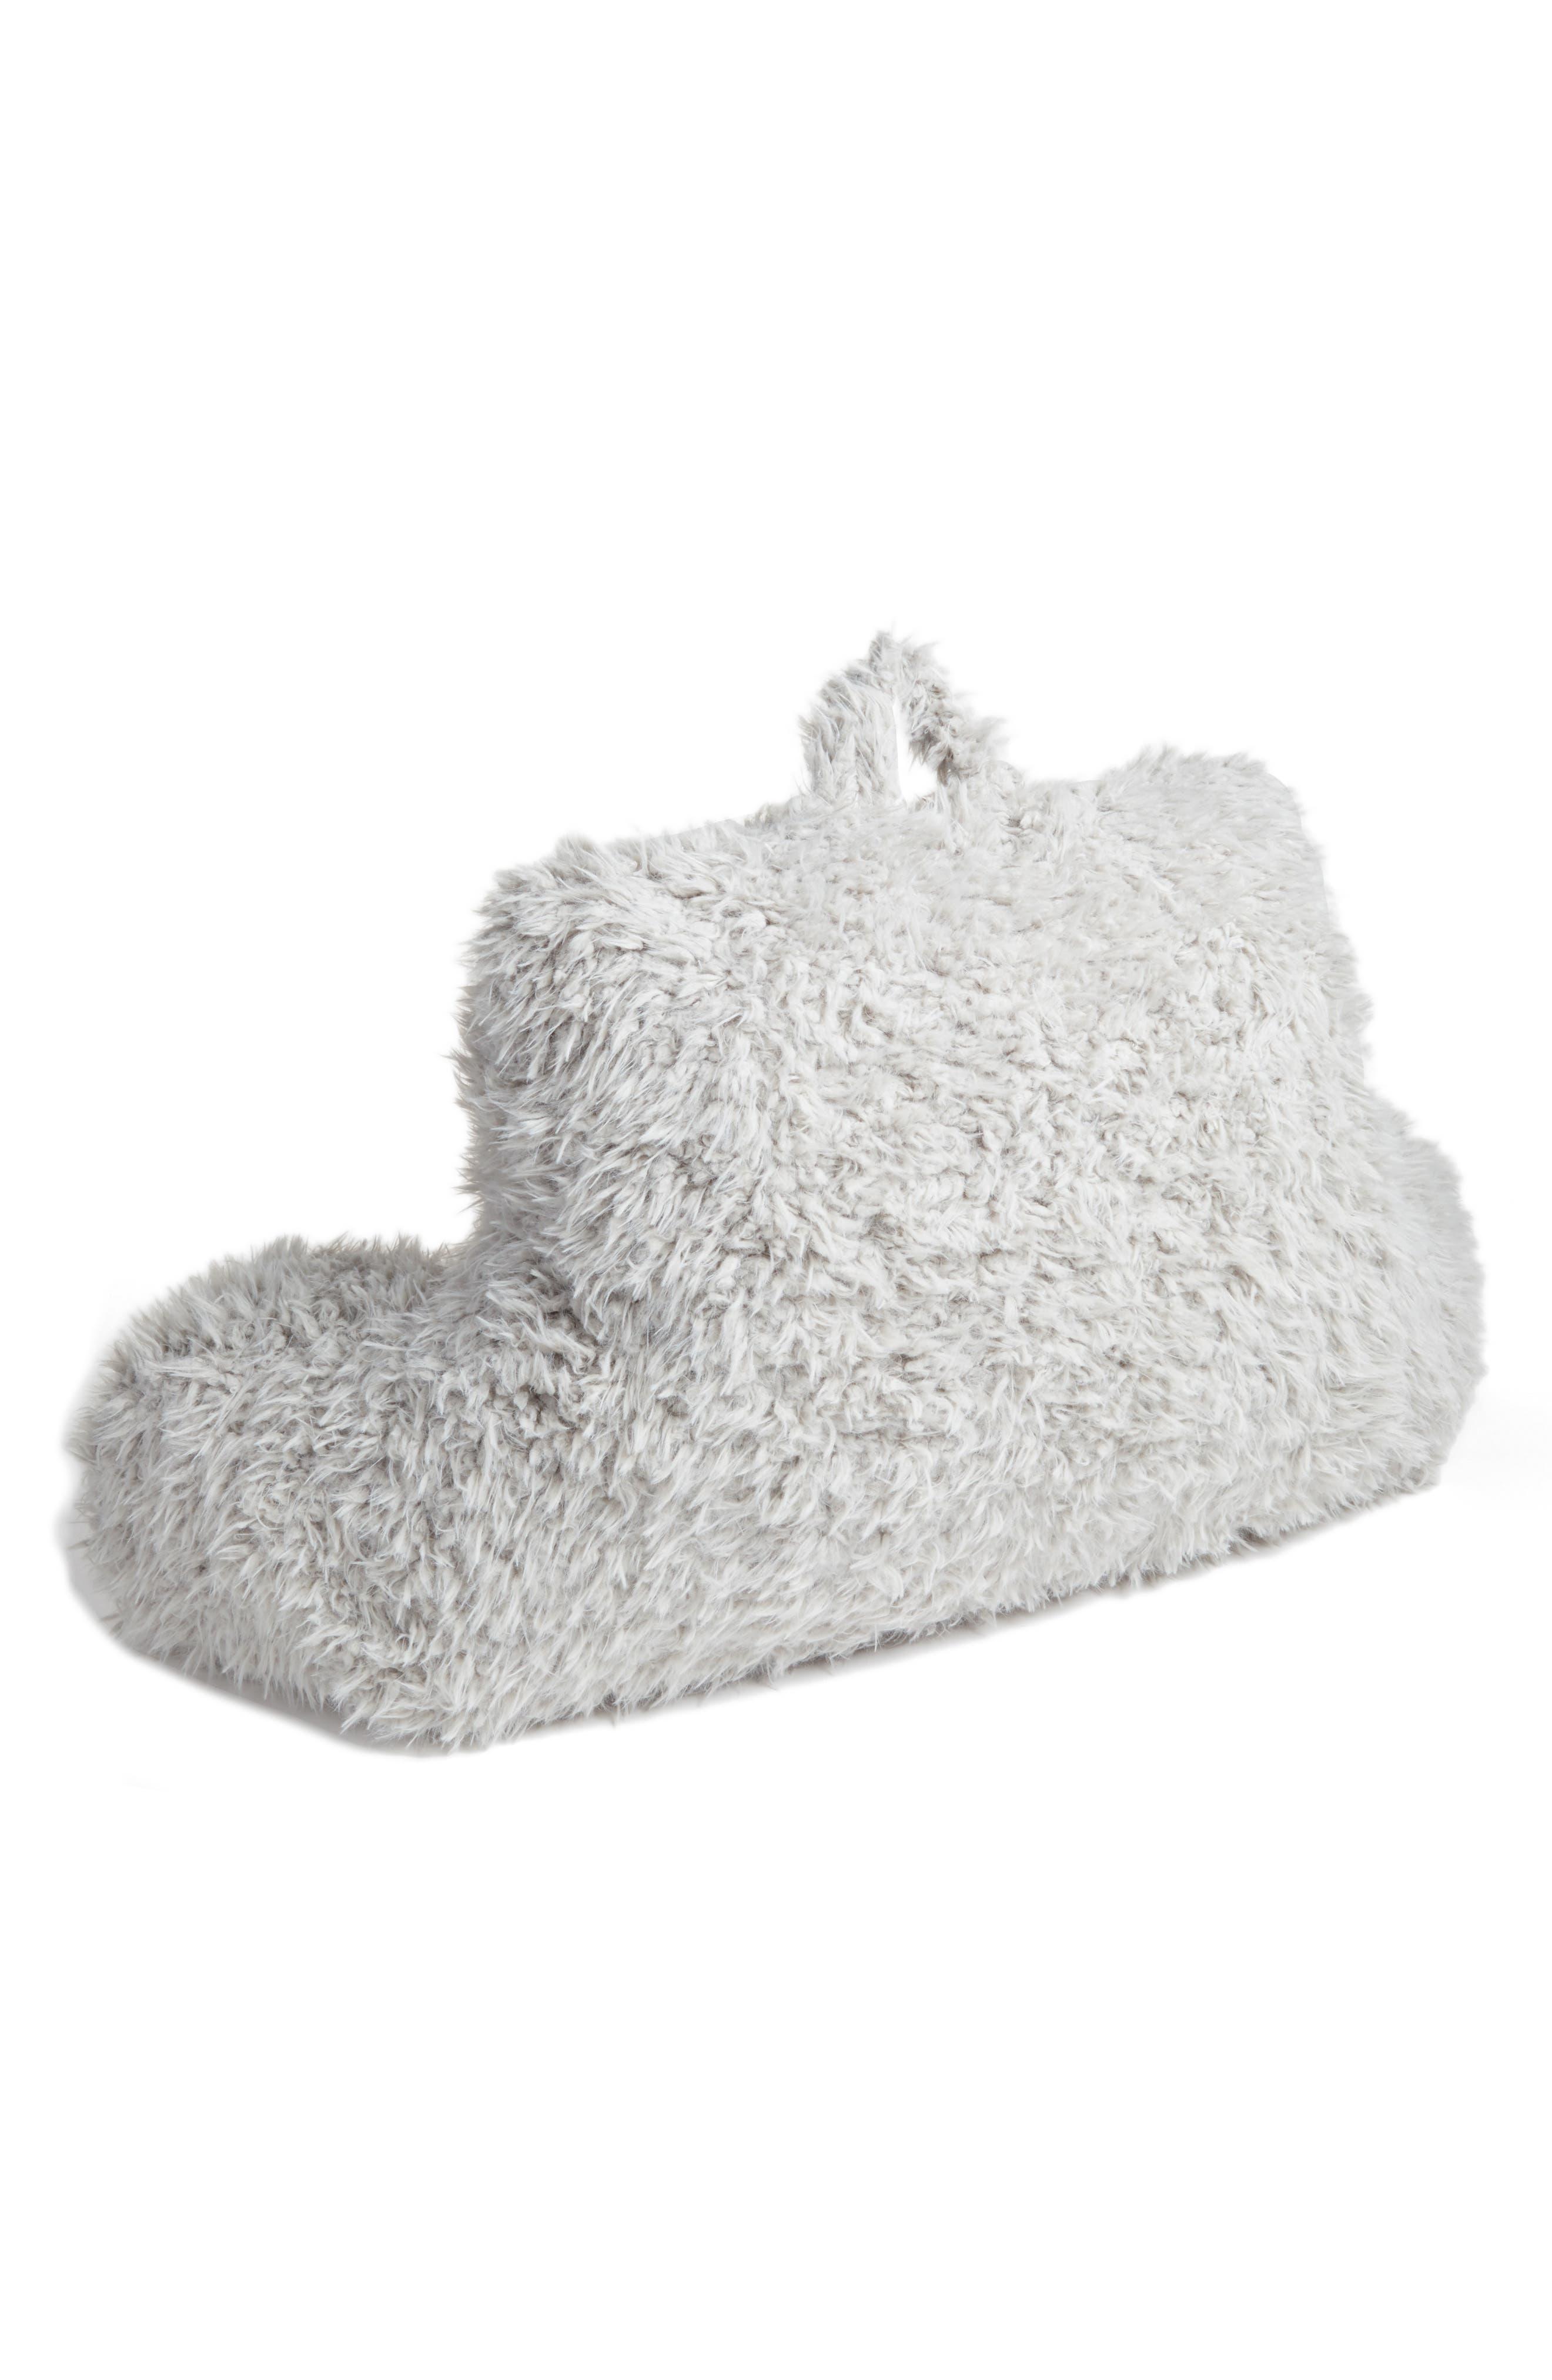 Shaggy Faux Fur Backrest Pillow,                             Alternate thumbnail 2, color,                             020